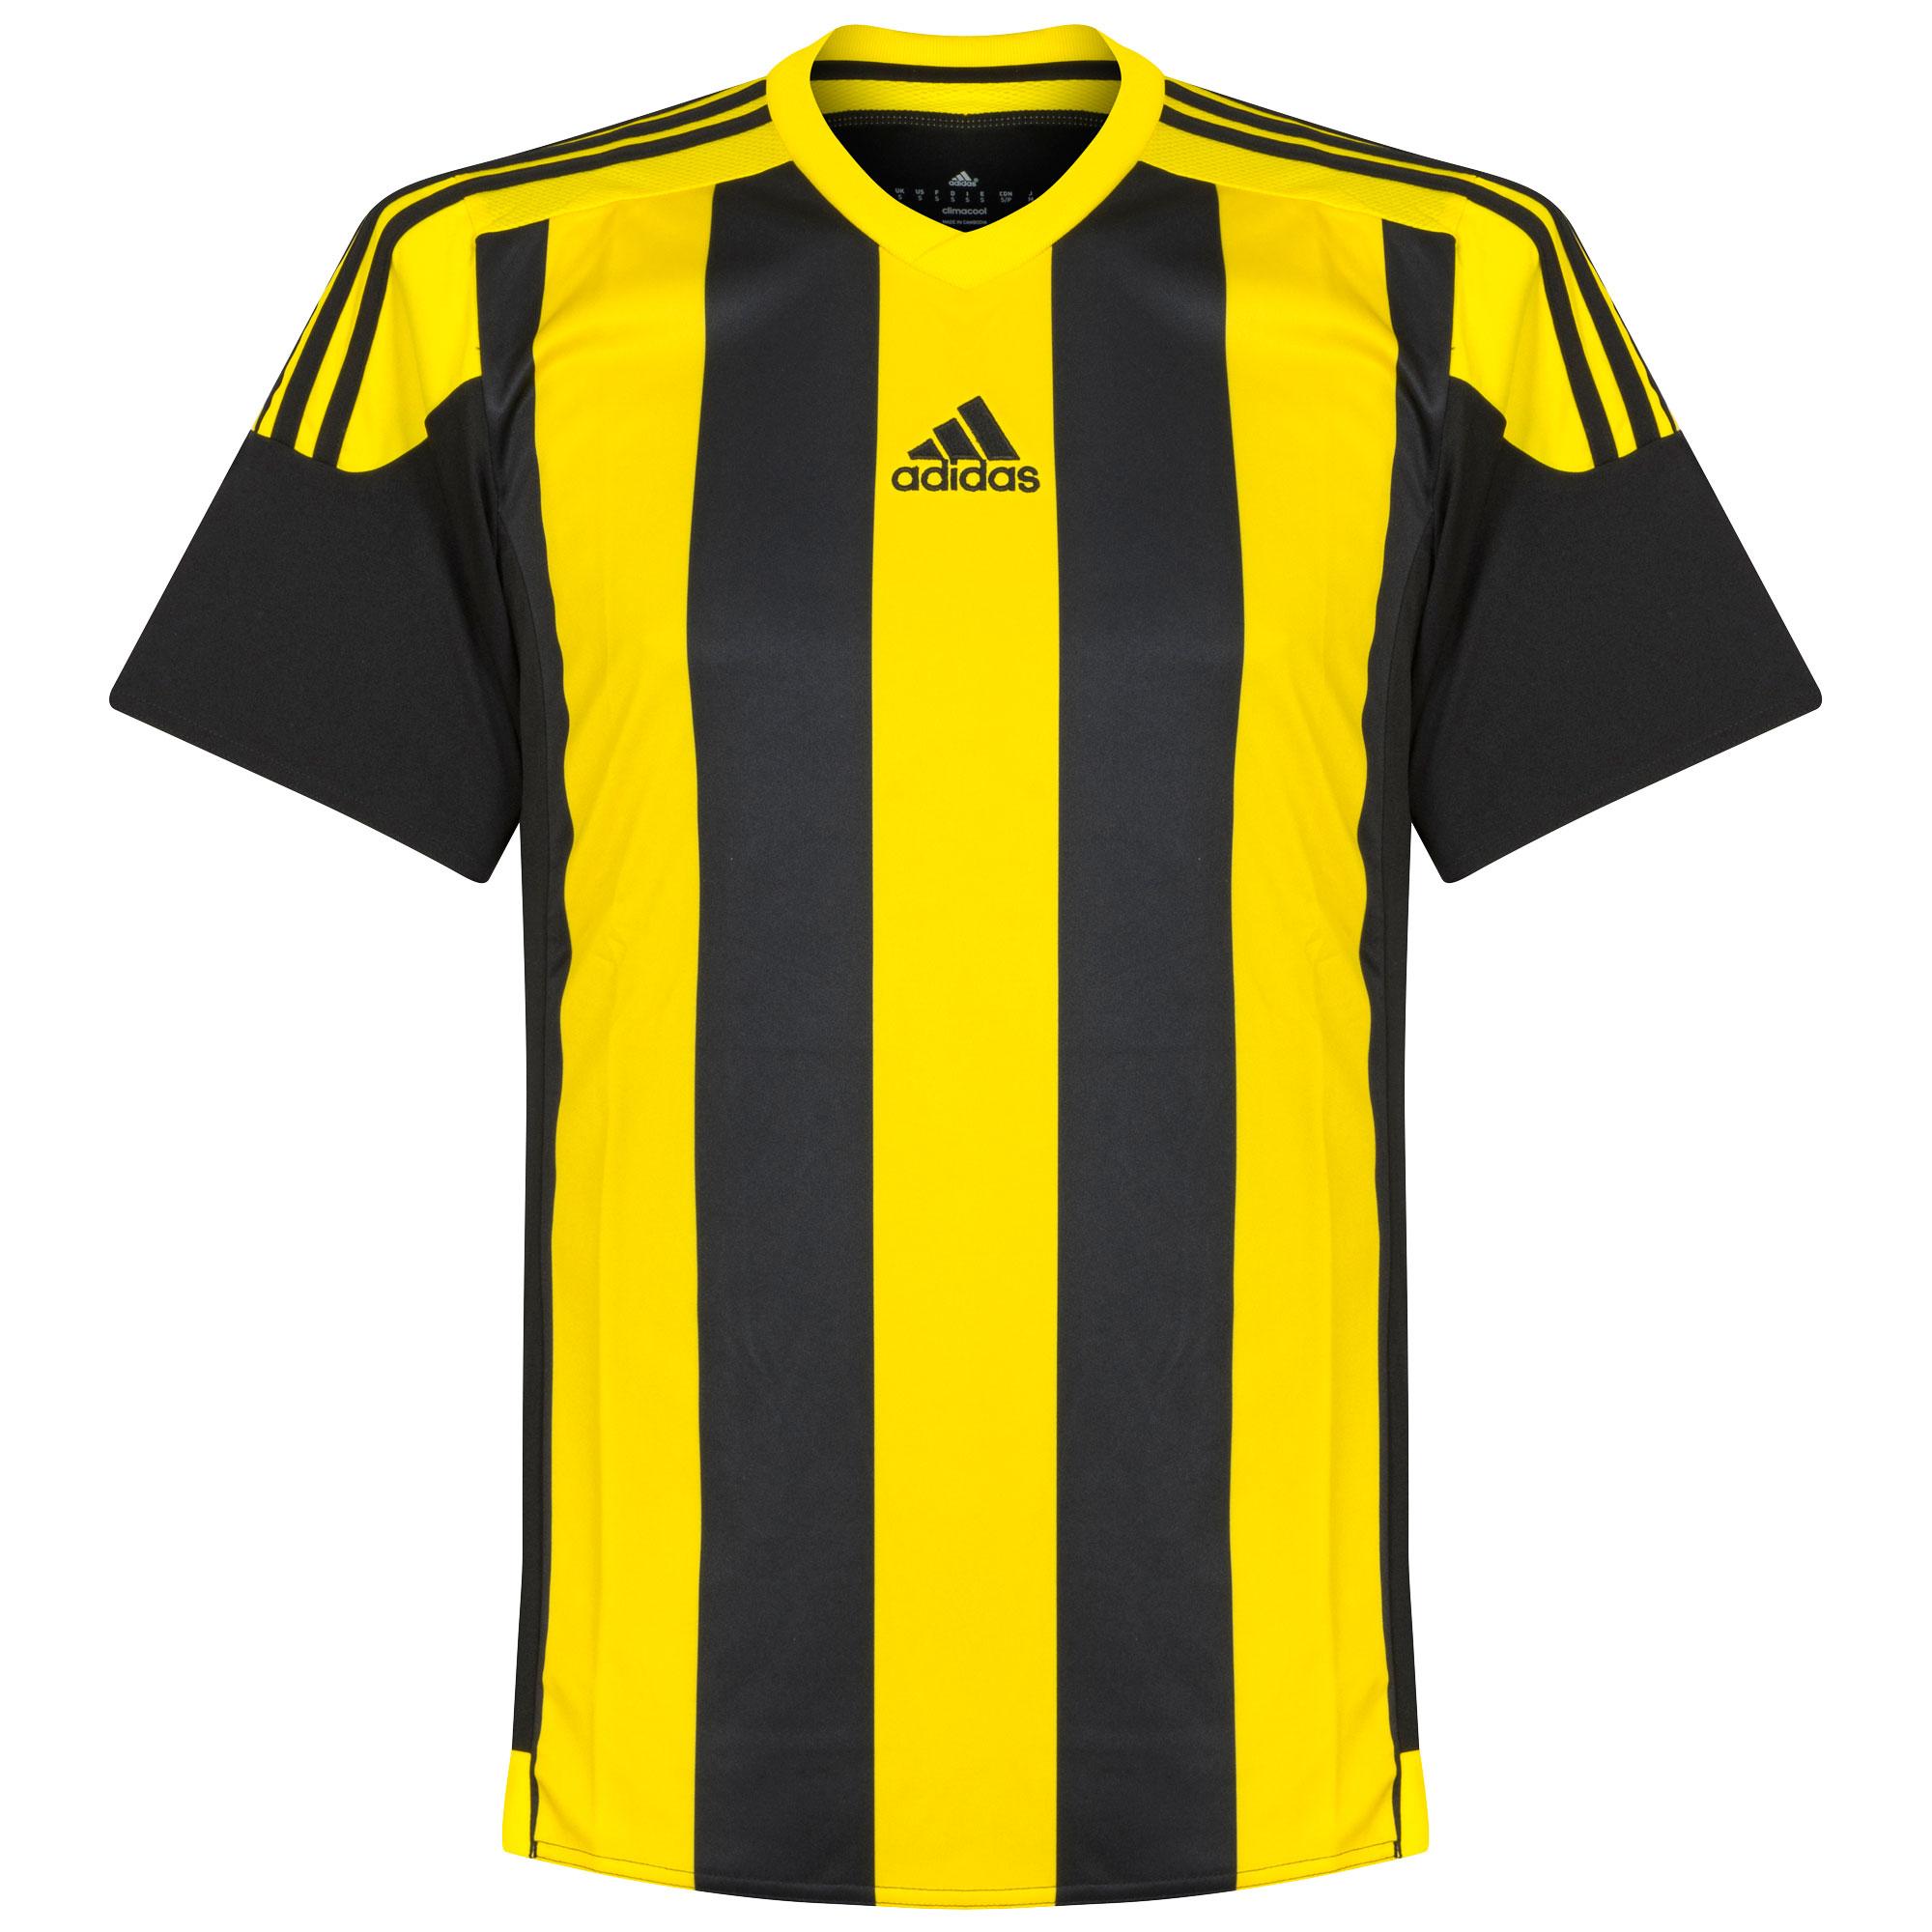 Adidas Striped 15 Teamwear Shirt Zwart-Geel